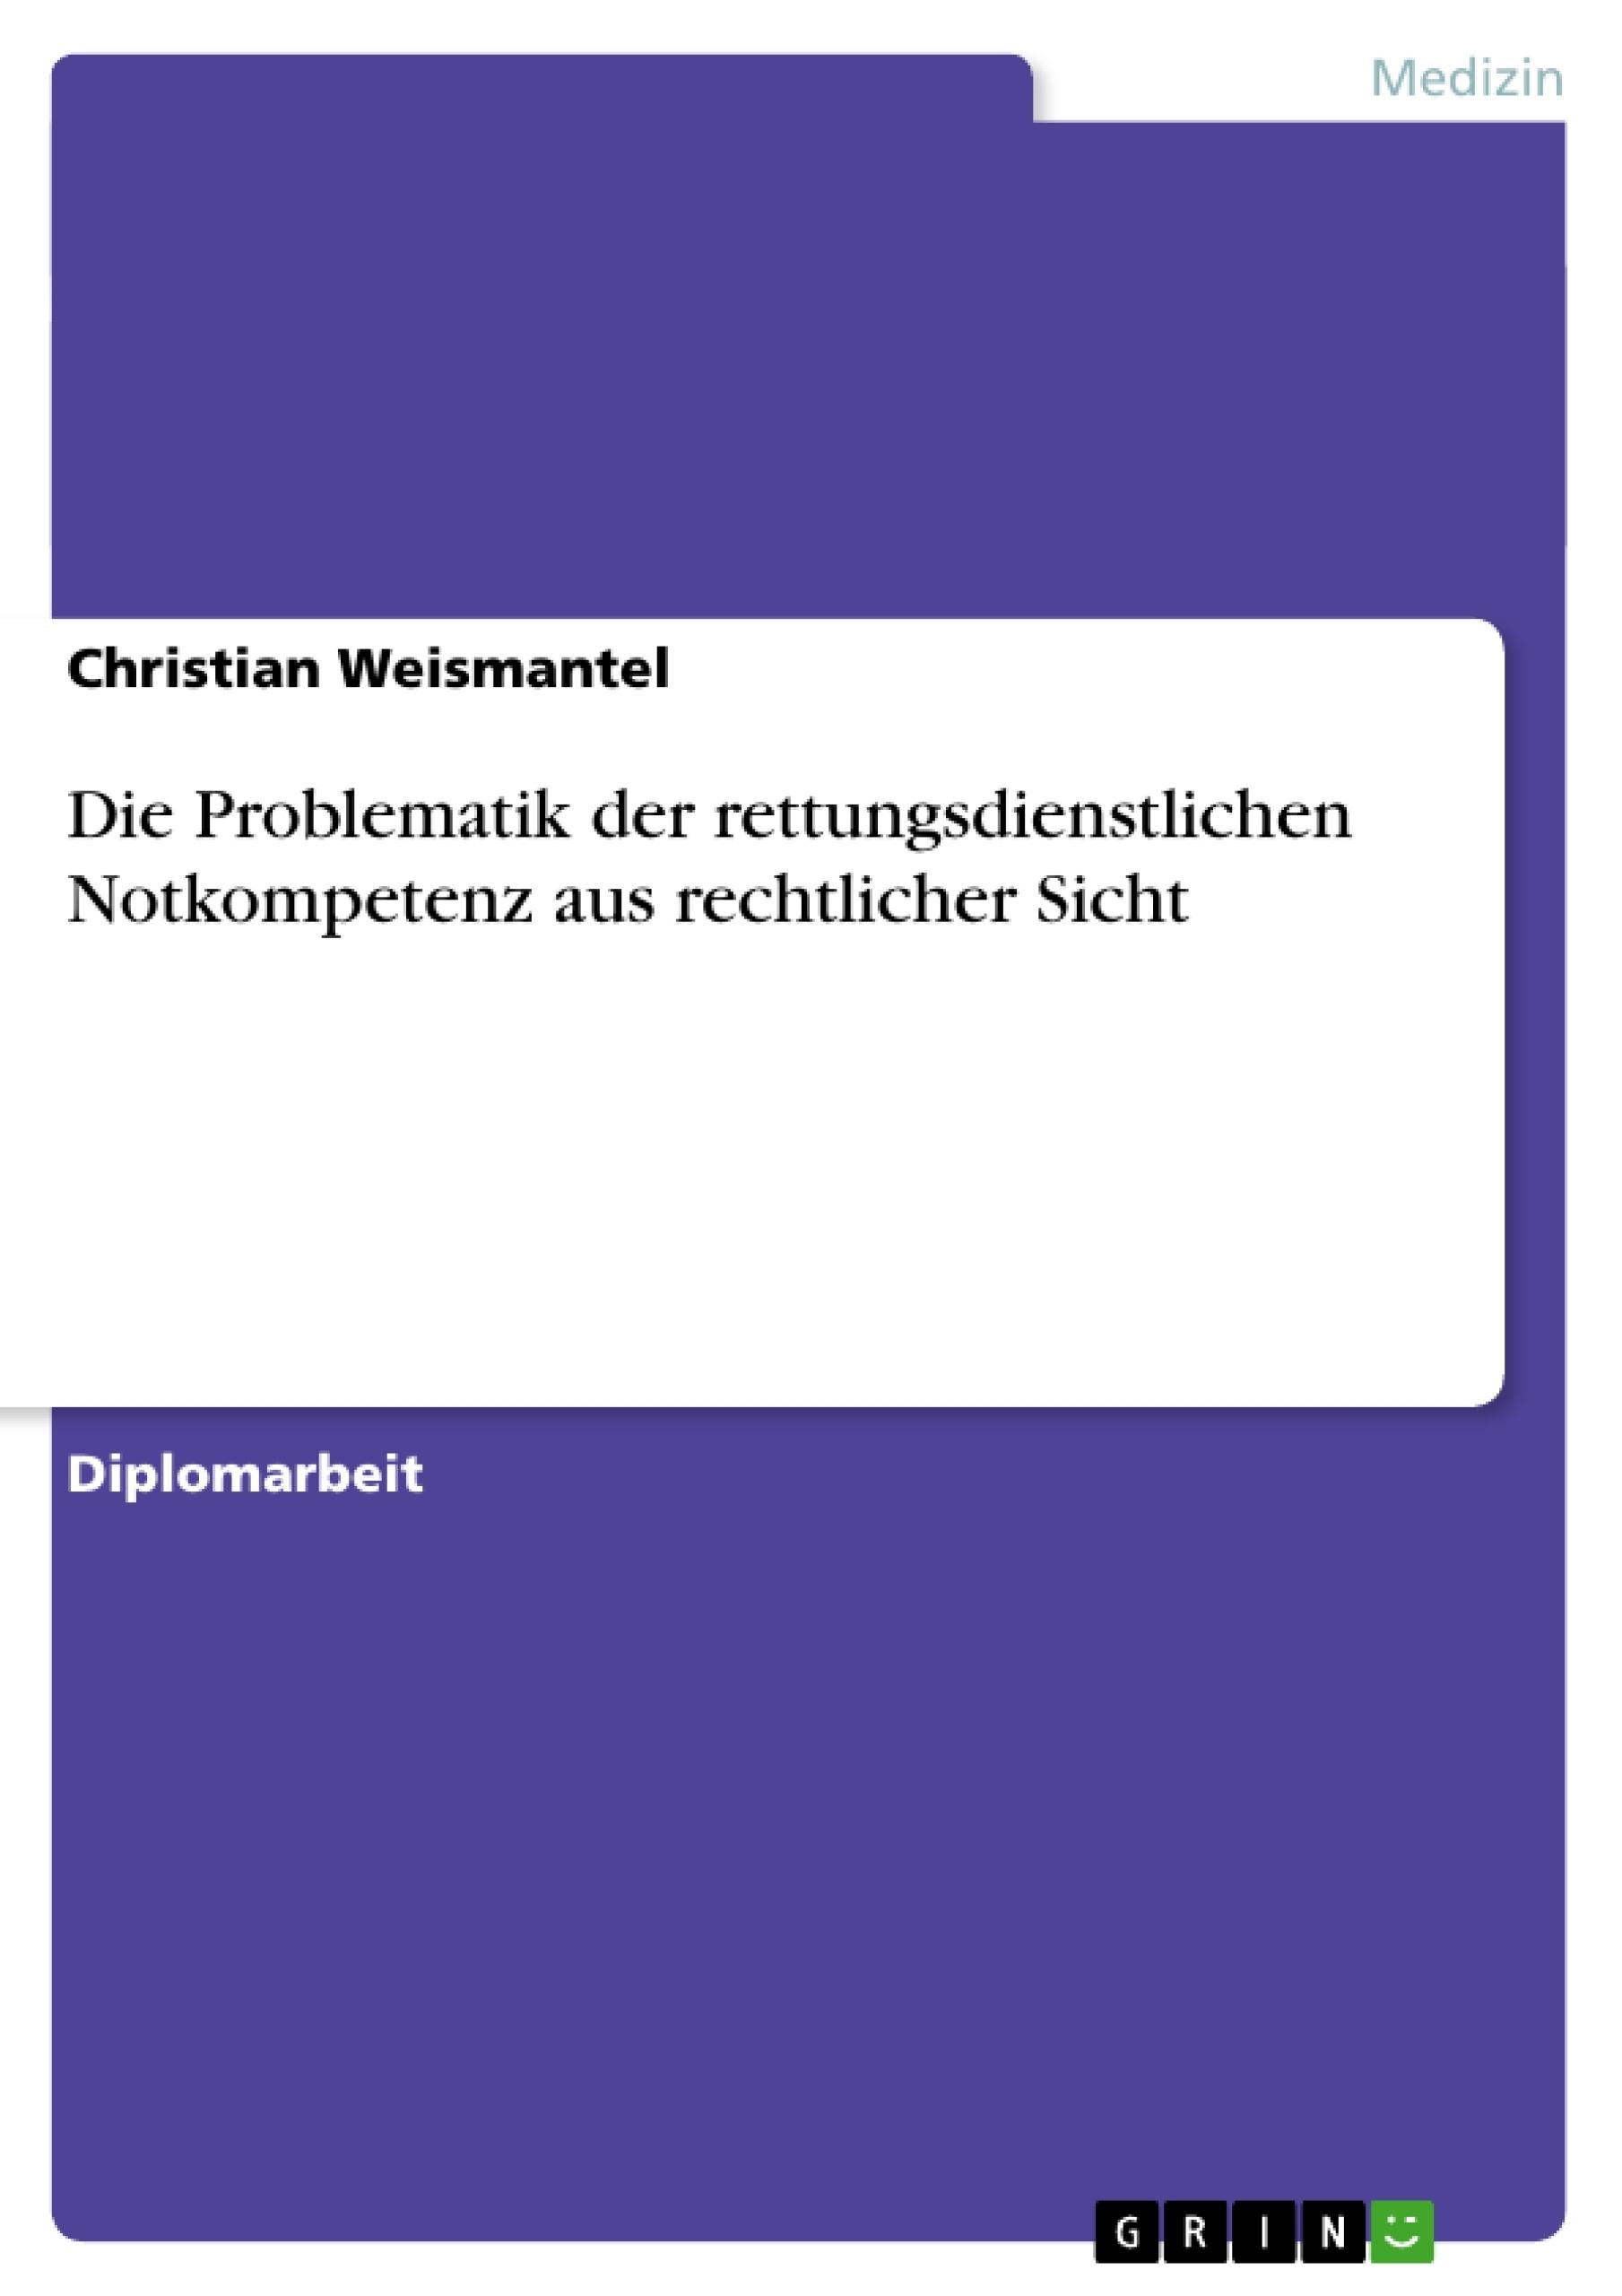 Titel: Die Problematik der rettungsdienstlichen Notkompetenz aus rechtlicher Sicht